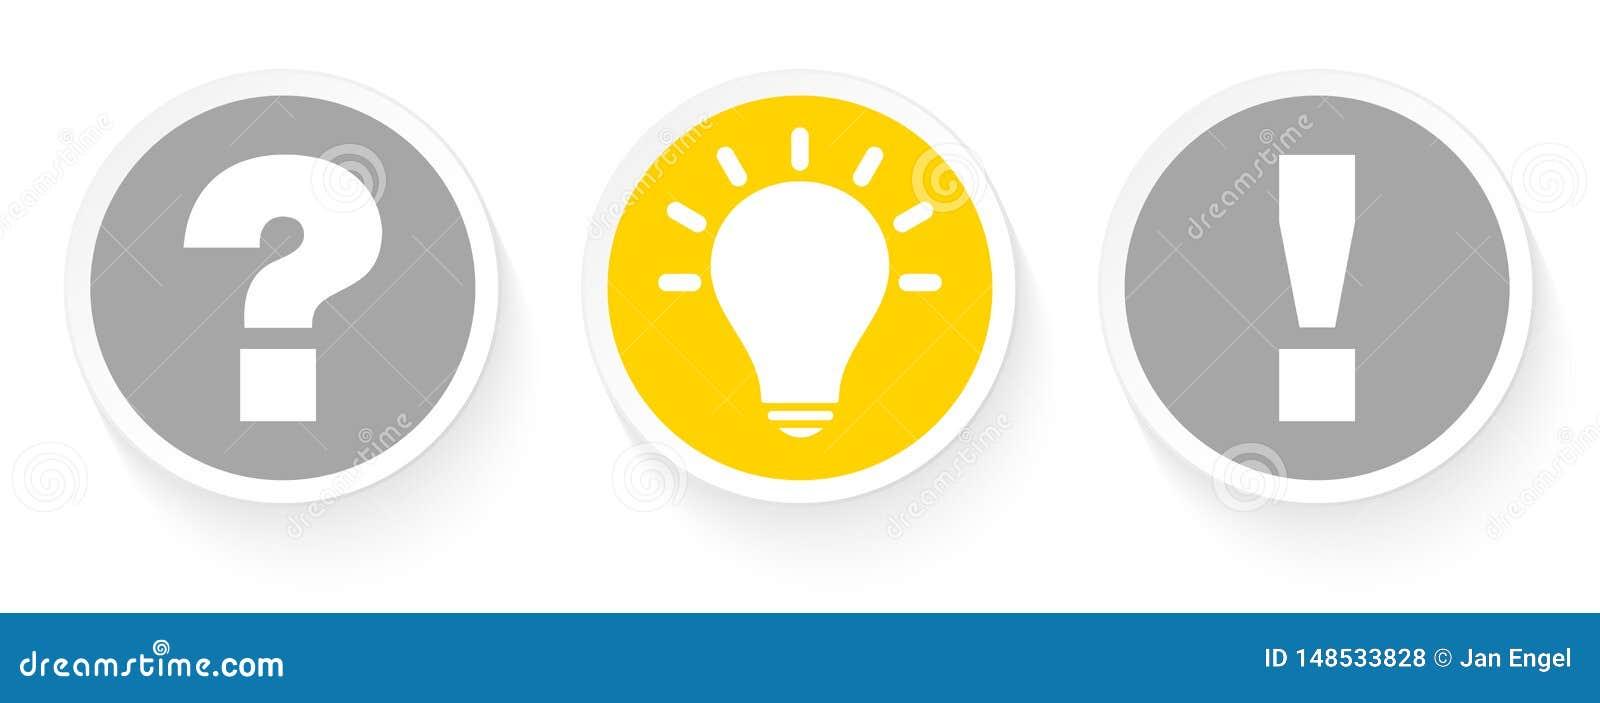 Drei Knöpfe stellen Idee und Antwort Grey And Yellow in Frage